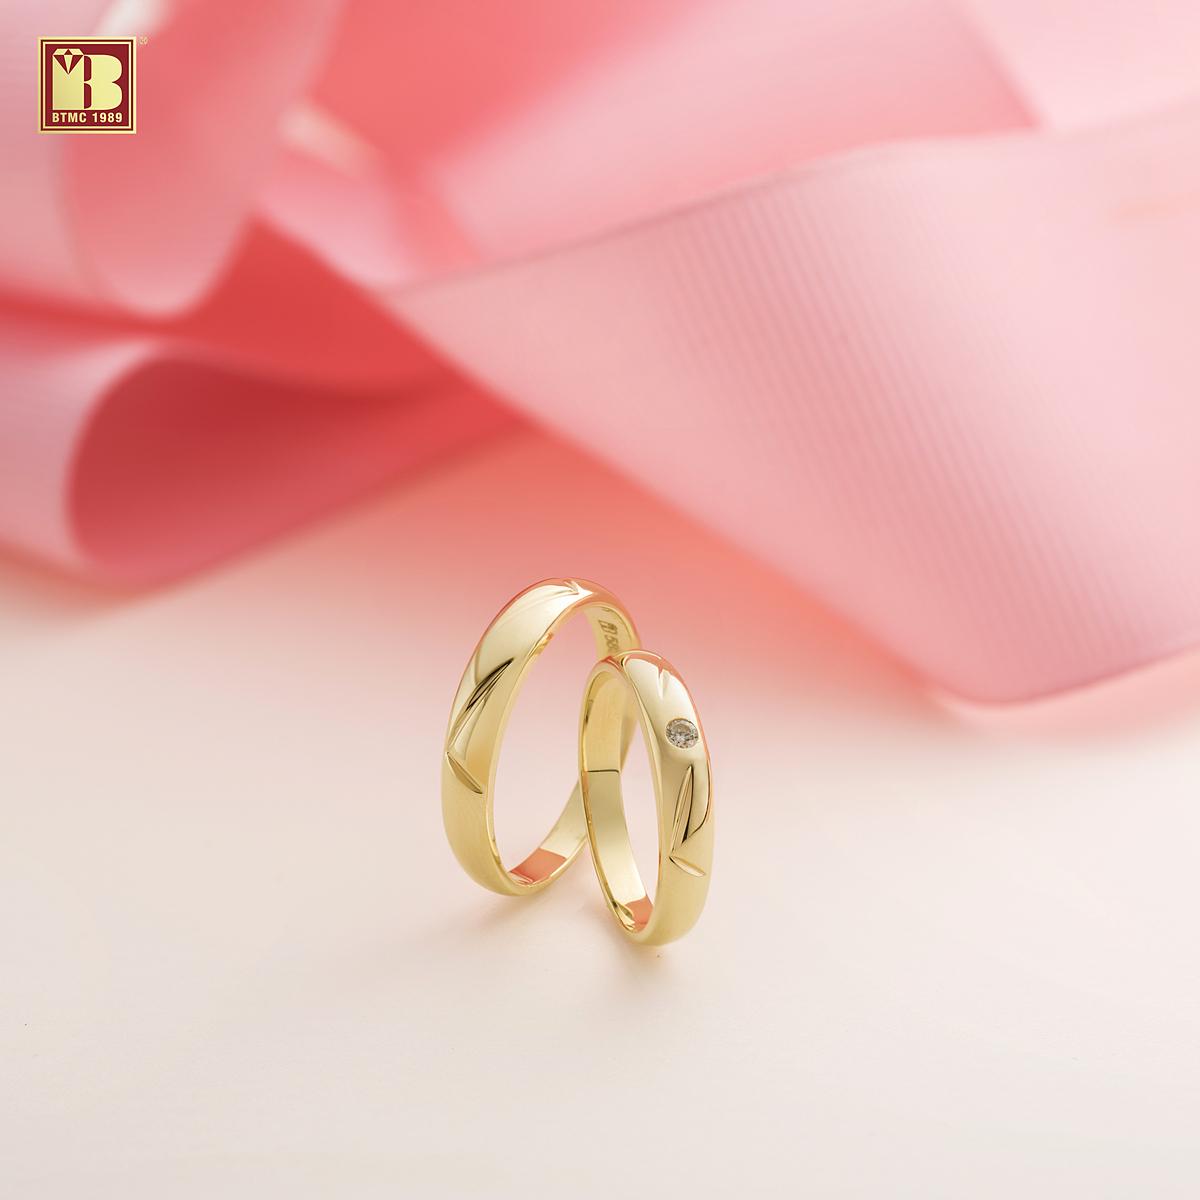 Nhẫn trơn: Kiểu nhẫn trơn vẫn quyến rũ các cặp đôi bởi thiết kế tối giản nhưng tinh tế và có ưu điểm lớn là không lỗi mốt theo thời gian. Với kiểu dáng giống nhau, nhẫn trơn phù hợp hầu hết các cô dâu - chú rể mà vẫn tôn được vẻ đẹp cho từng người. Các bộ sưu tập nhẫn cưới mới của Bảo Tín Minh Châu gồm: Hạnh phúc bất tận; Tình khúc vàng, Mảnh ghép hoàn hảo, Hai tâm hồn đồng điệu, Mãi mãi một tình yêu. Cùng với đó là một số bộ sưu tập nhẫn đính hôn: Về nhà cùng anh em nhé. Đặc biệt, tại Bảo Tín Minh Châu, các cặp đôi có thể đặt chế tác nhẫn cưới theo ý tưởng riêng cùng sự tư vấn từ hàng nghìn mẫu nhẫn phong cách, trẻ trung, bền chắc, tinh xảo, chất lượng được yêu thích nhiều năm qua.